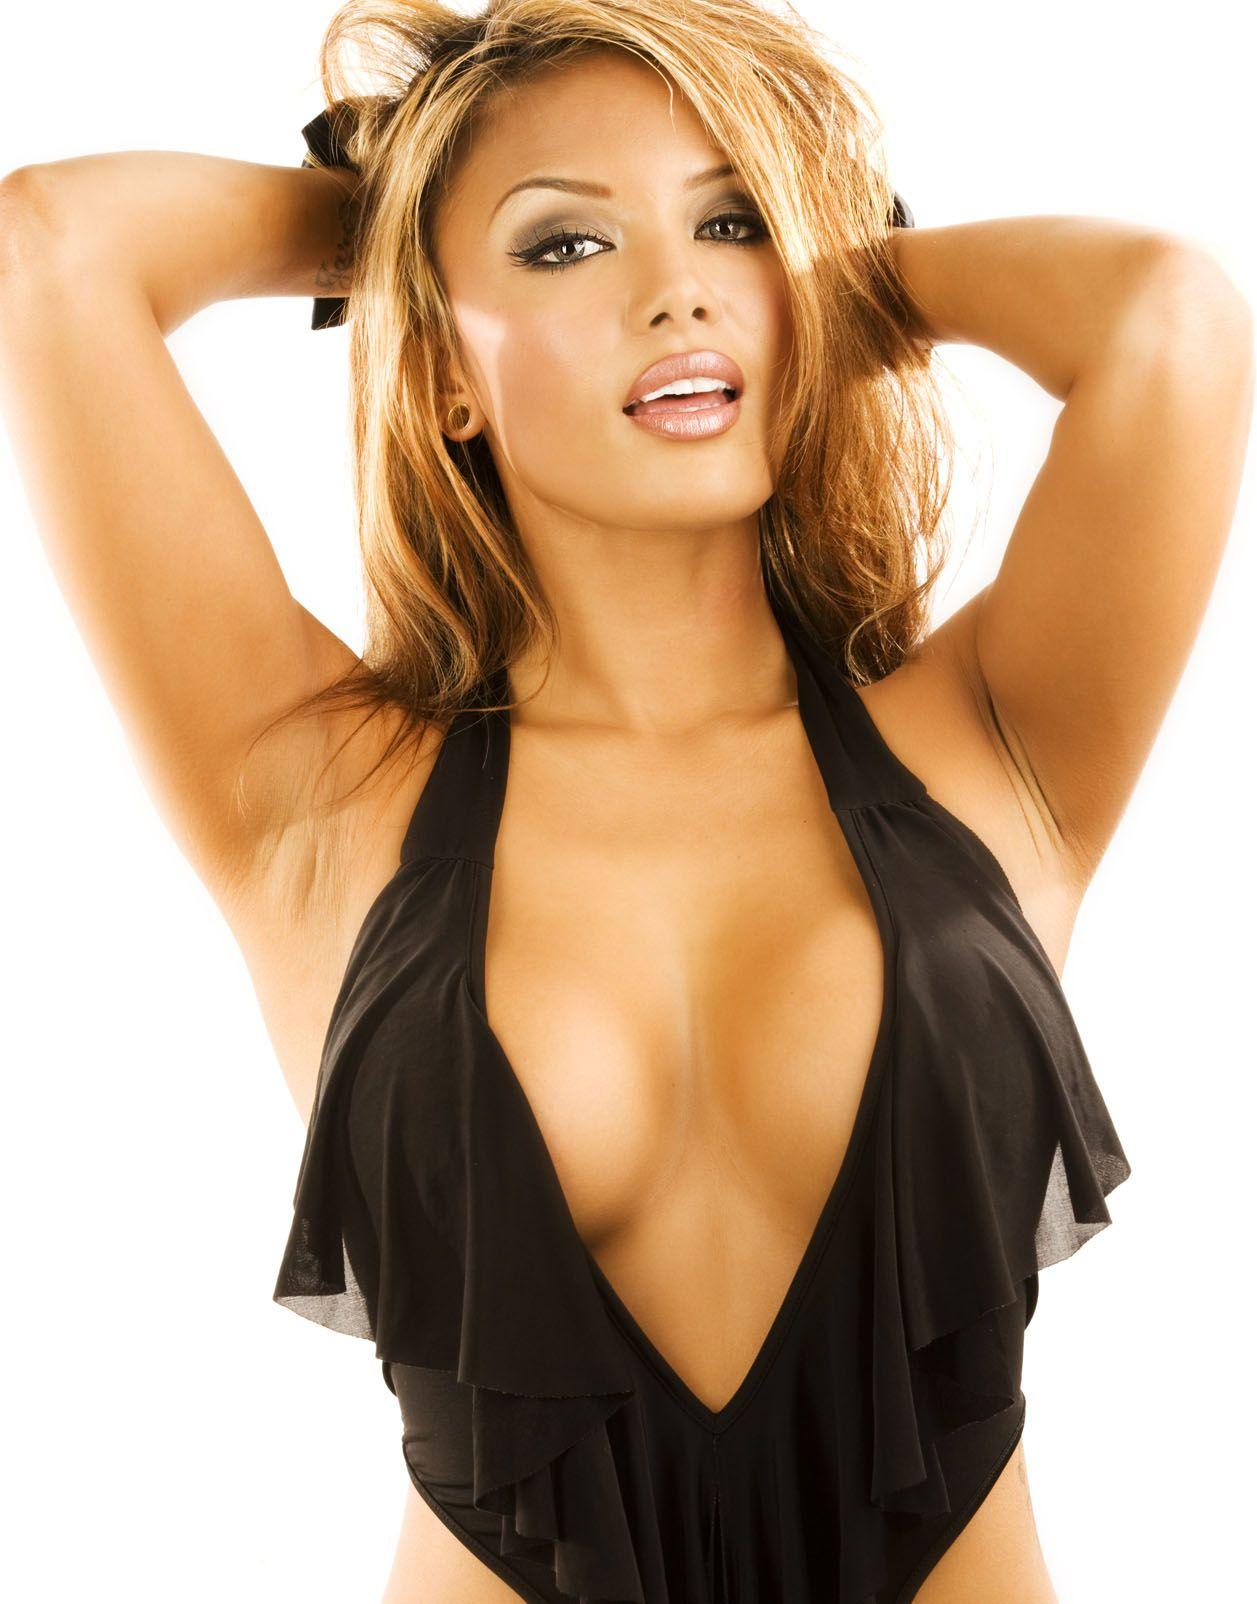 Celebrity Veronica BCelebrityo nude photos 2019